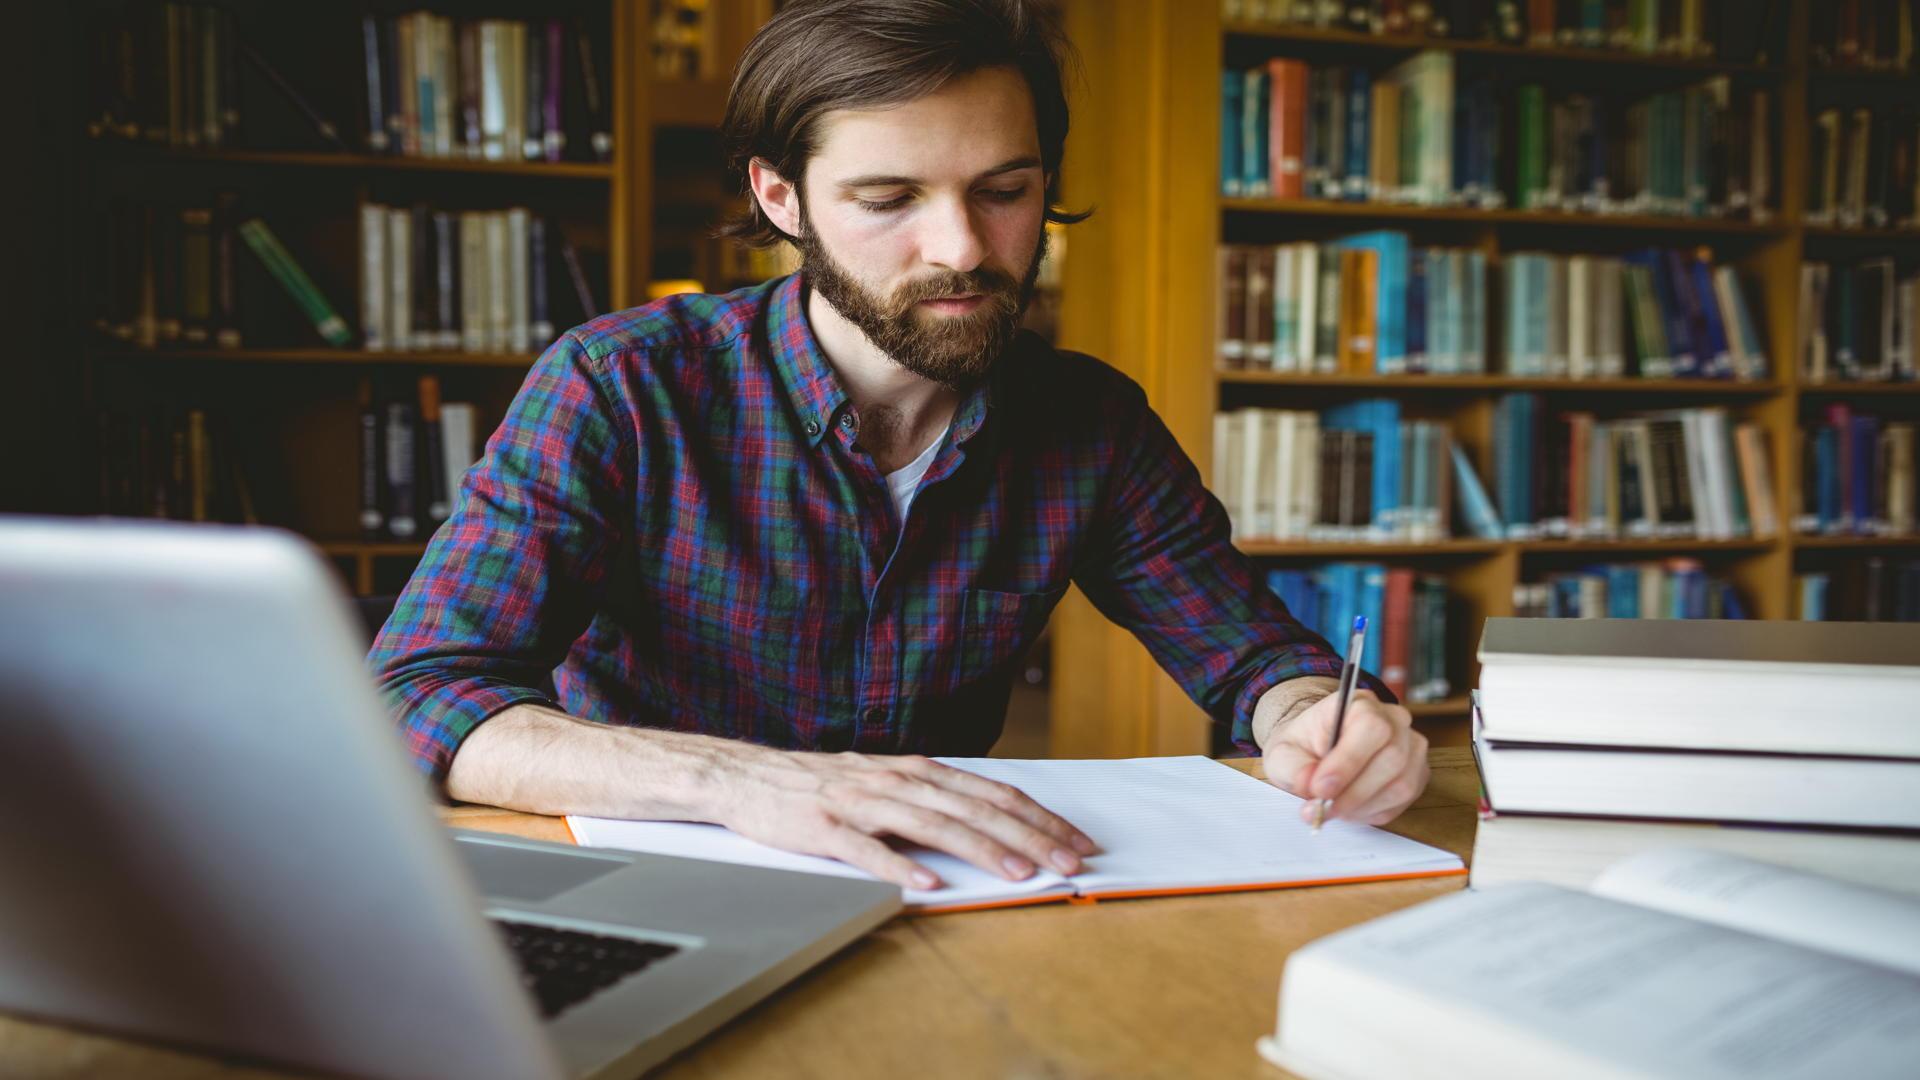 מתי כדאי לשקול סיוע בכתיבת סמינריון במשפטים?